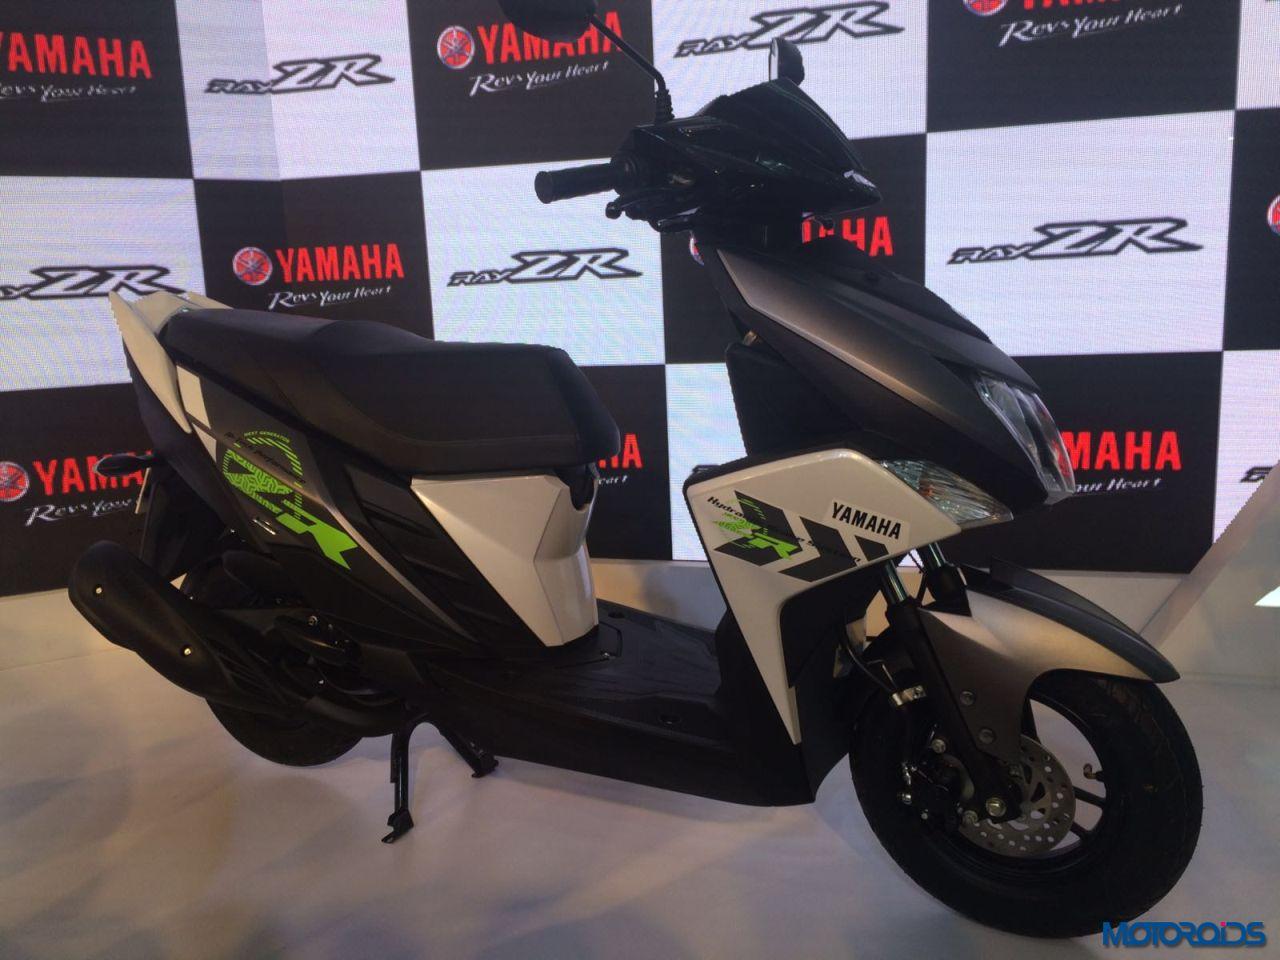 Yamaha Cygnus Ray-ZR Auto Expo 2016 (7)